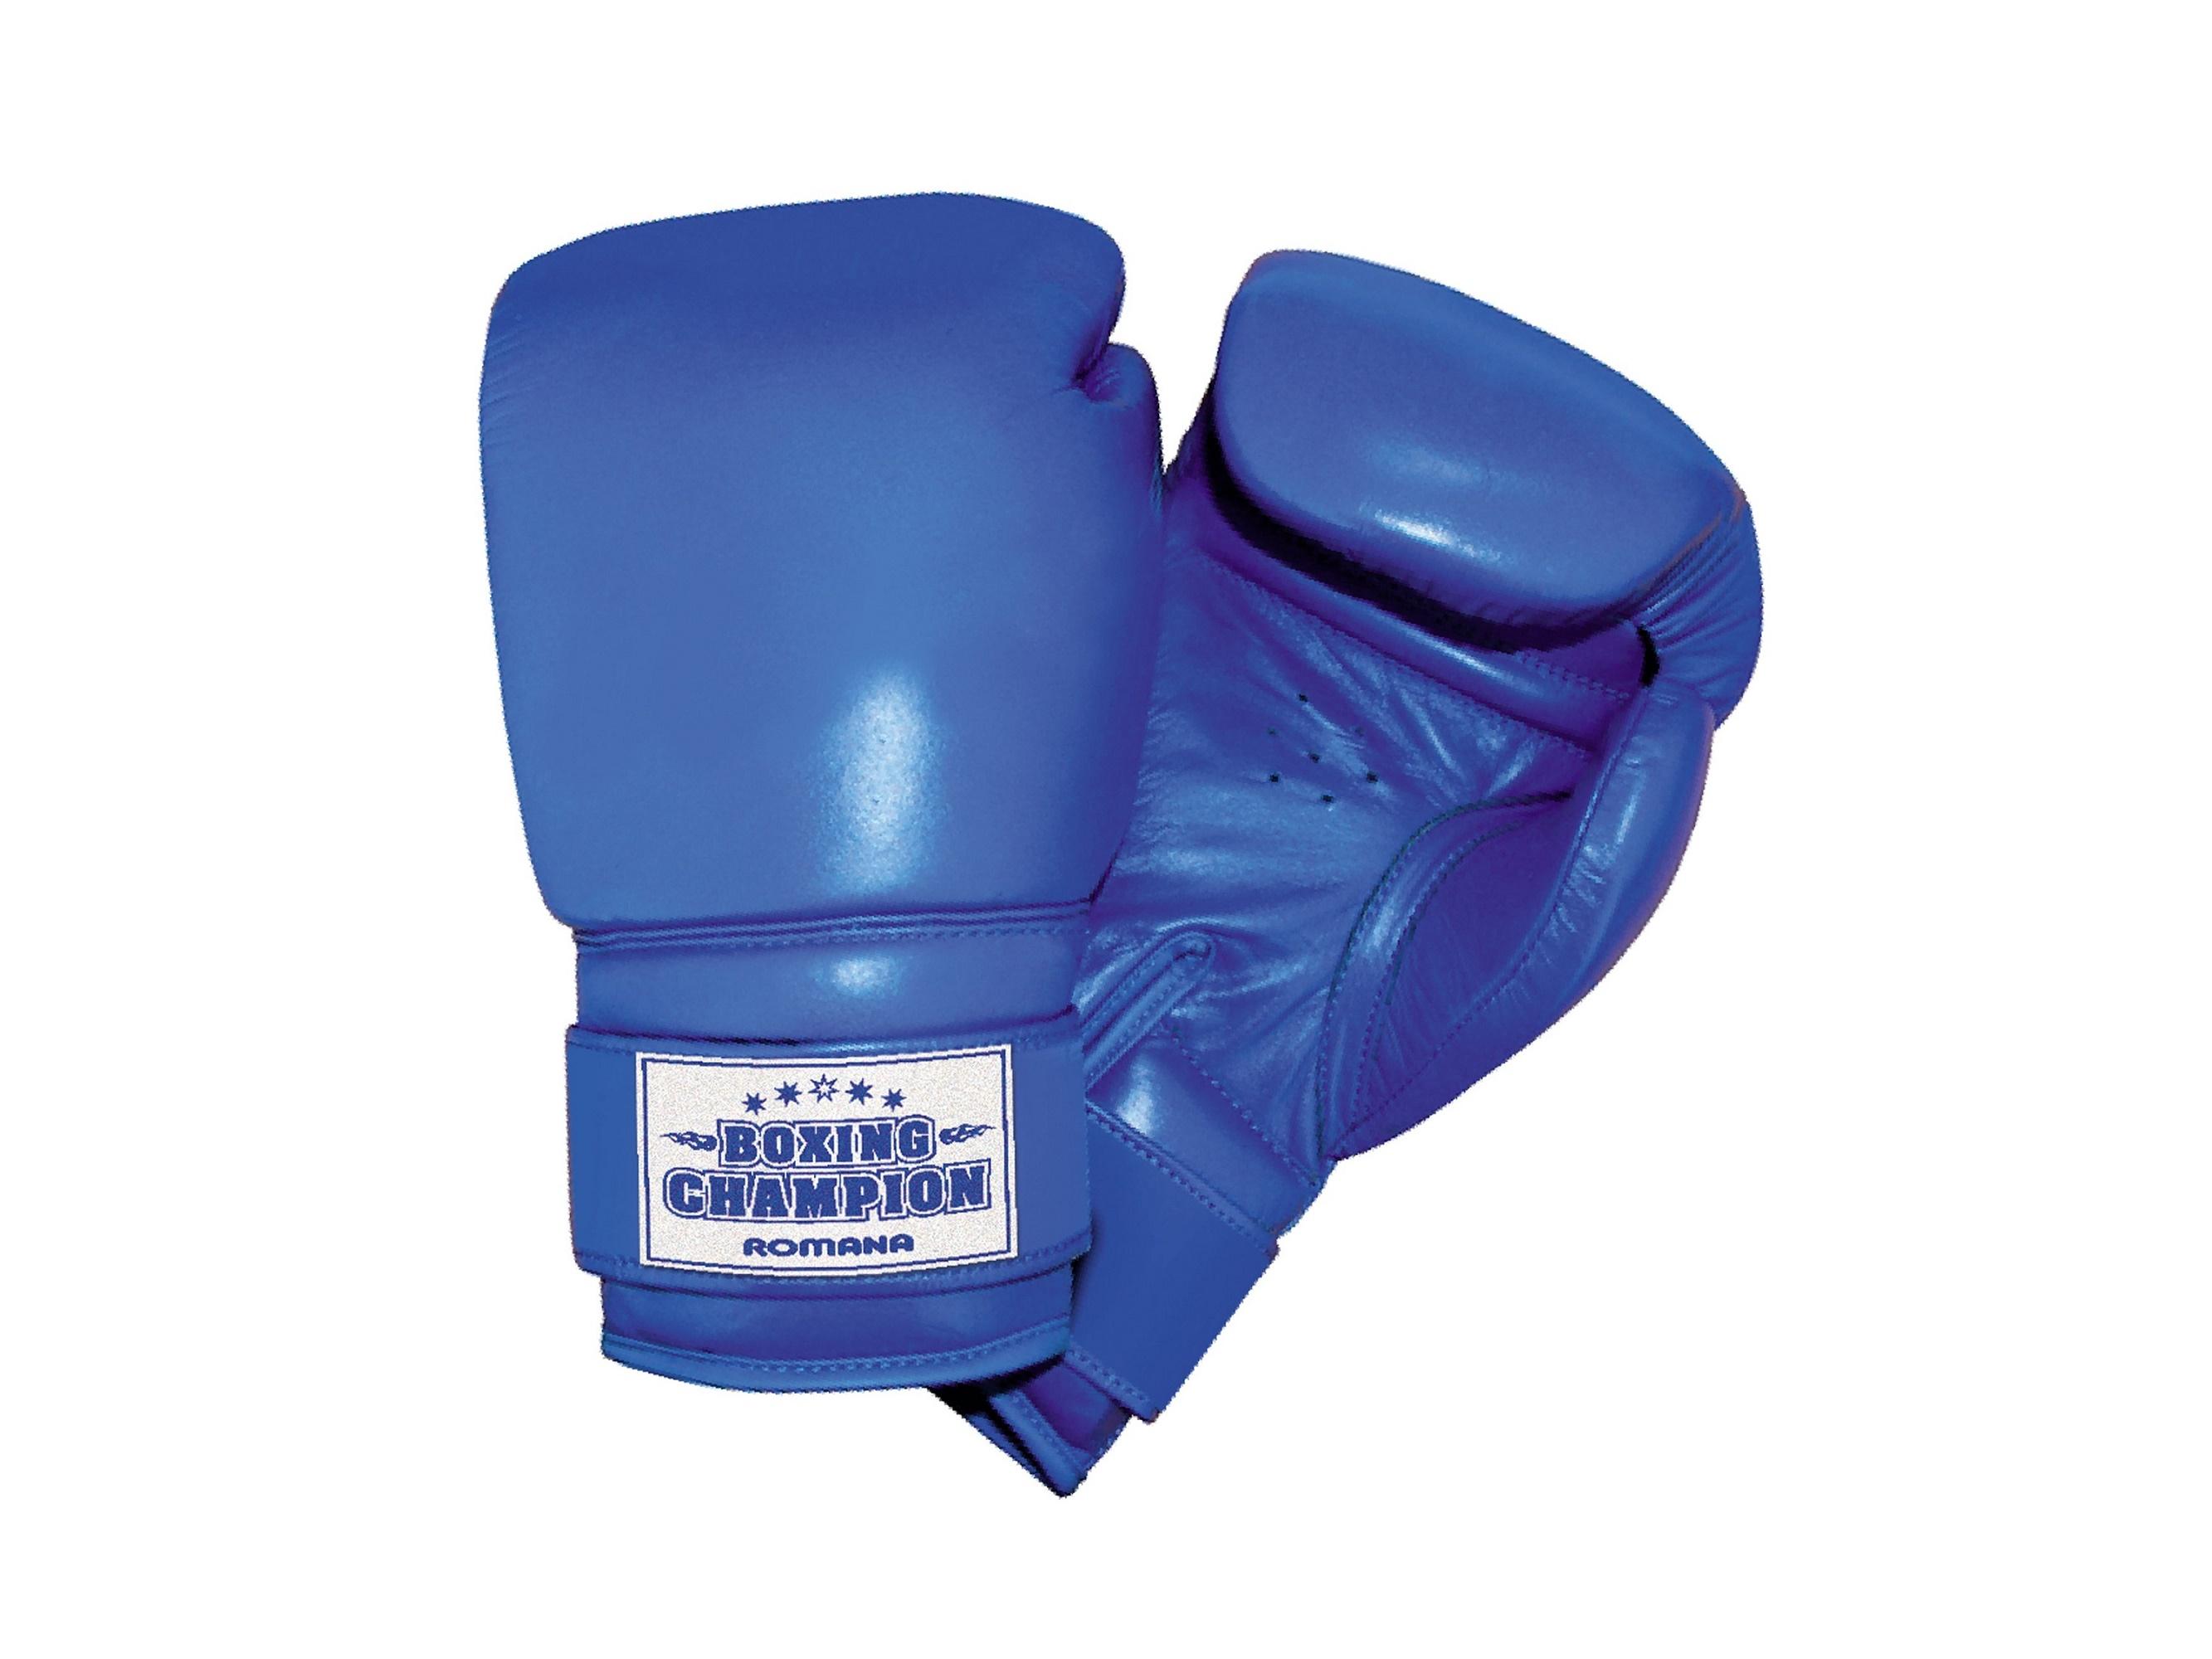 Купить Перчатки боксерские Romana для детей 10-12 лет, 8 унций ДМФ-МК-01.70.05, Romana (Романа)